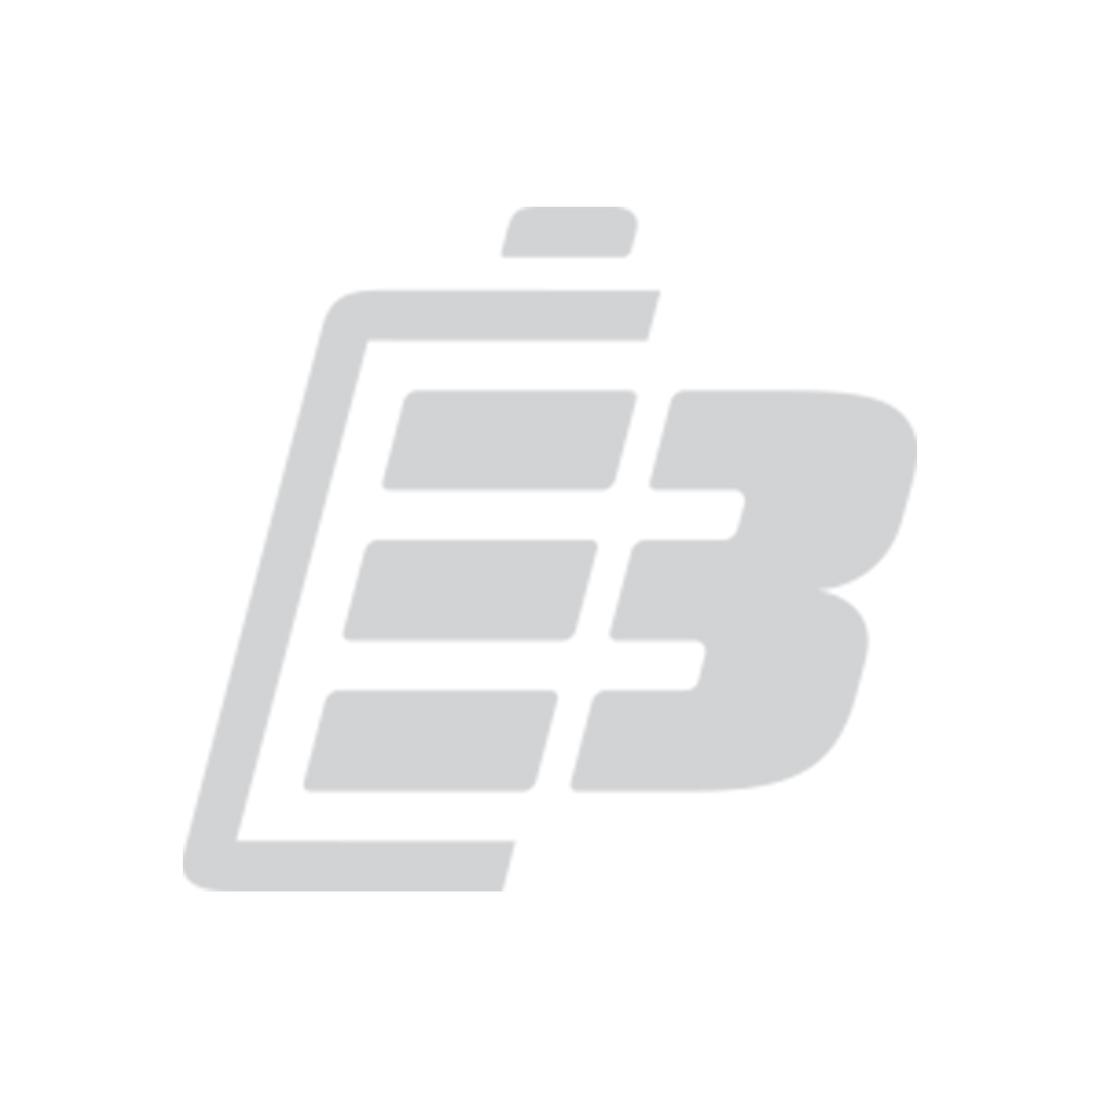 Μπαταρία tablet Samsung Galaxy Tab GT-P1000_1